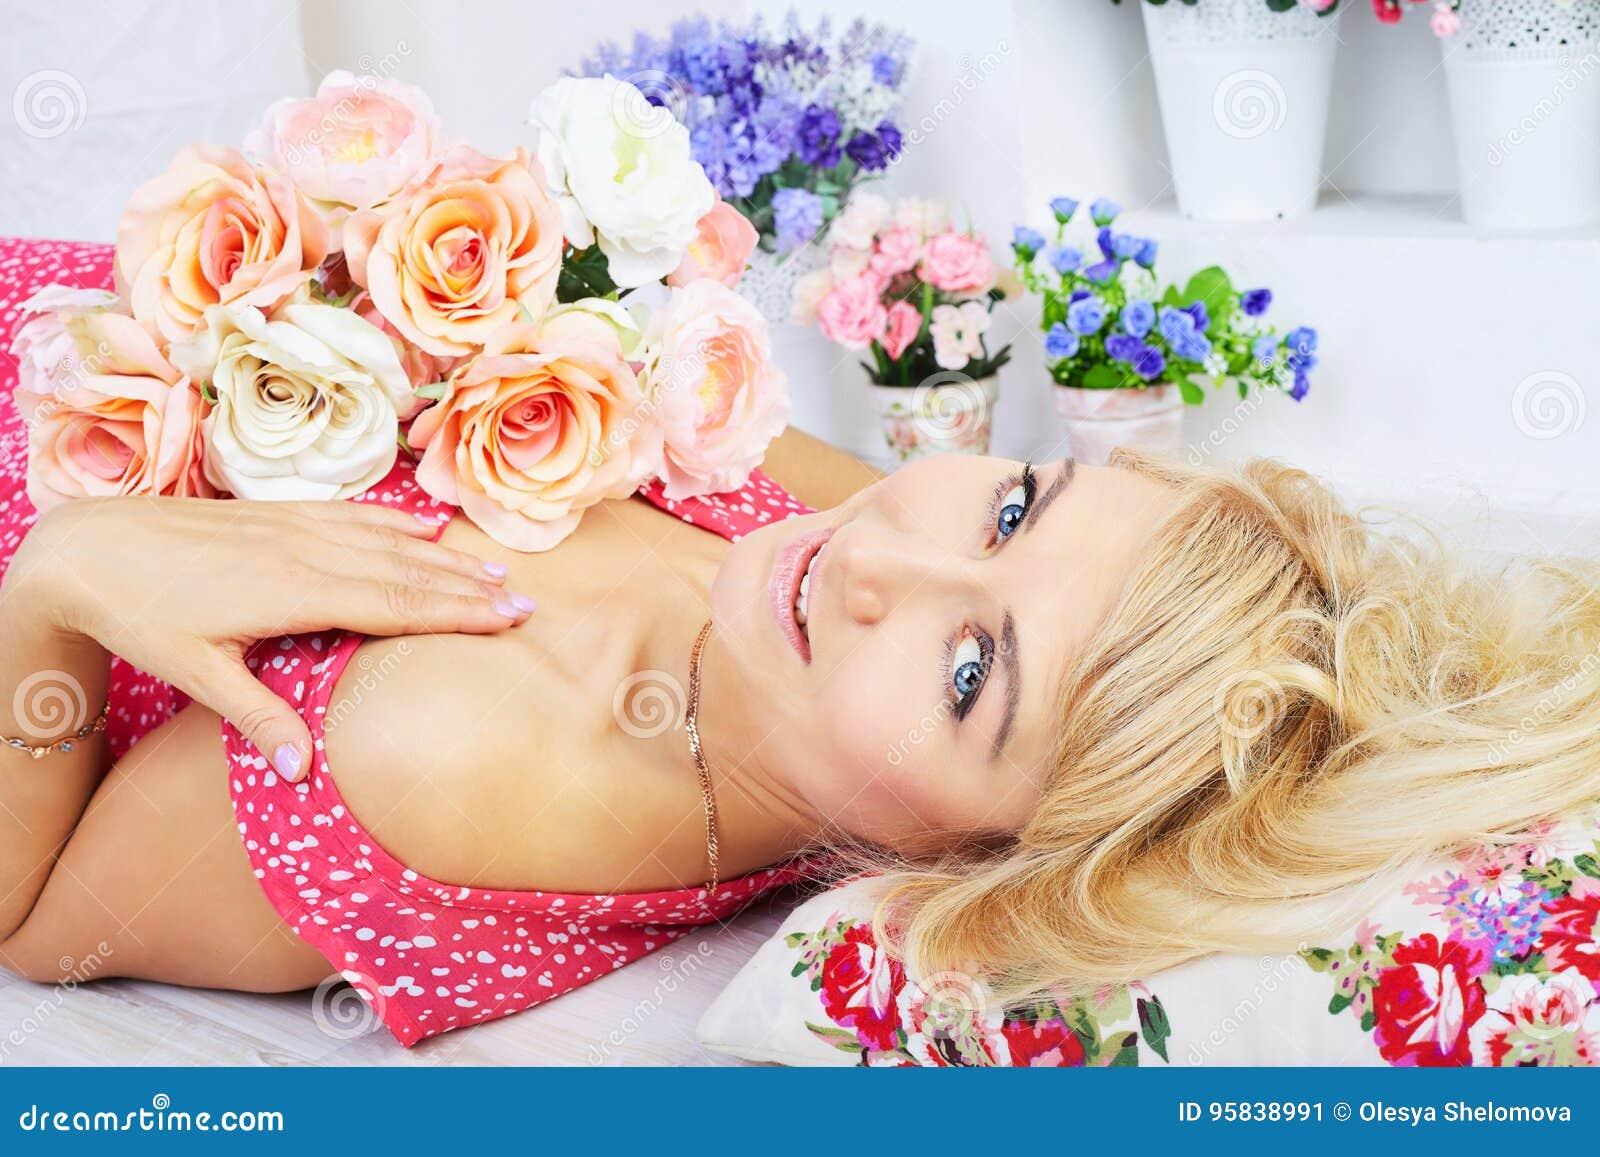 Modelo rubio joven sonriente que presenta entre las flores